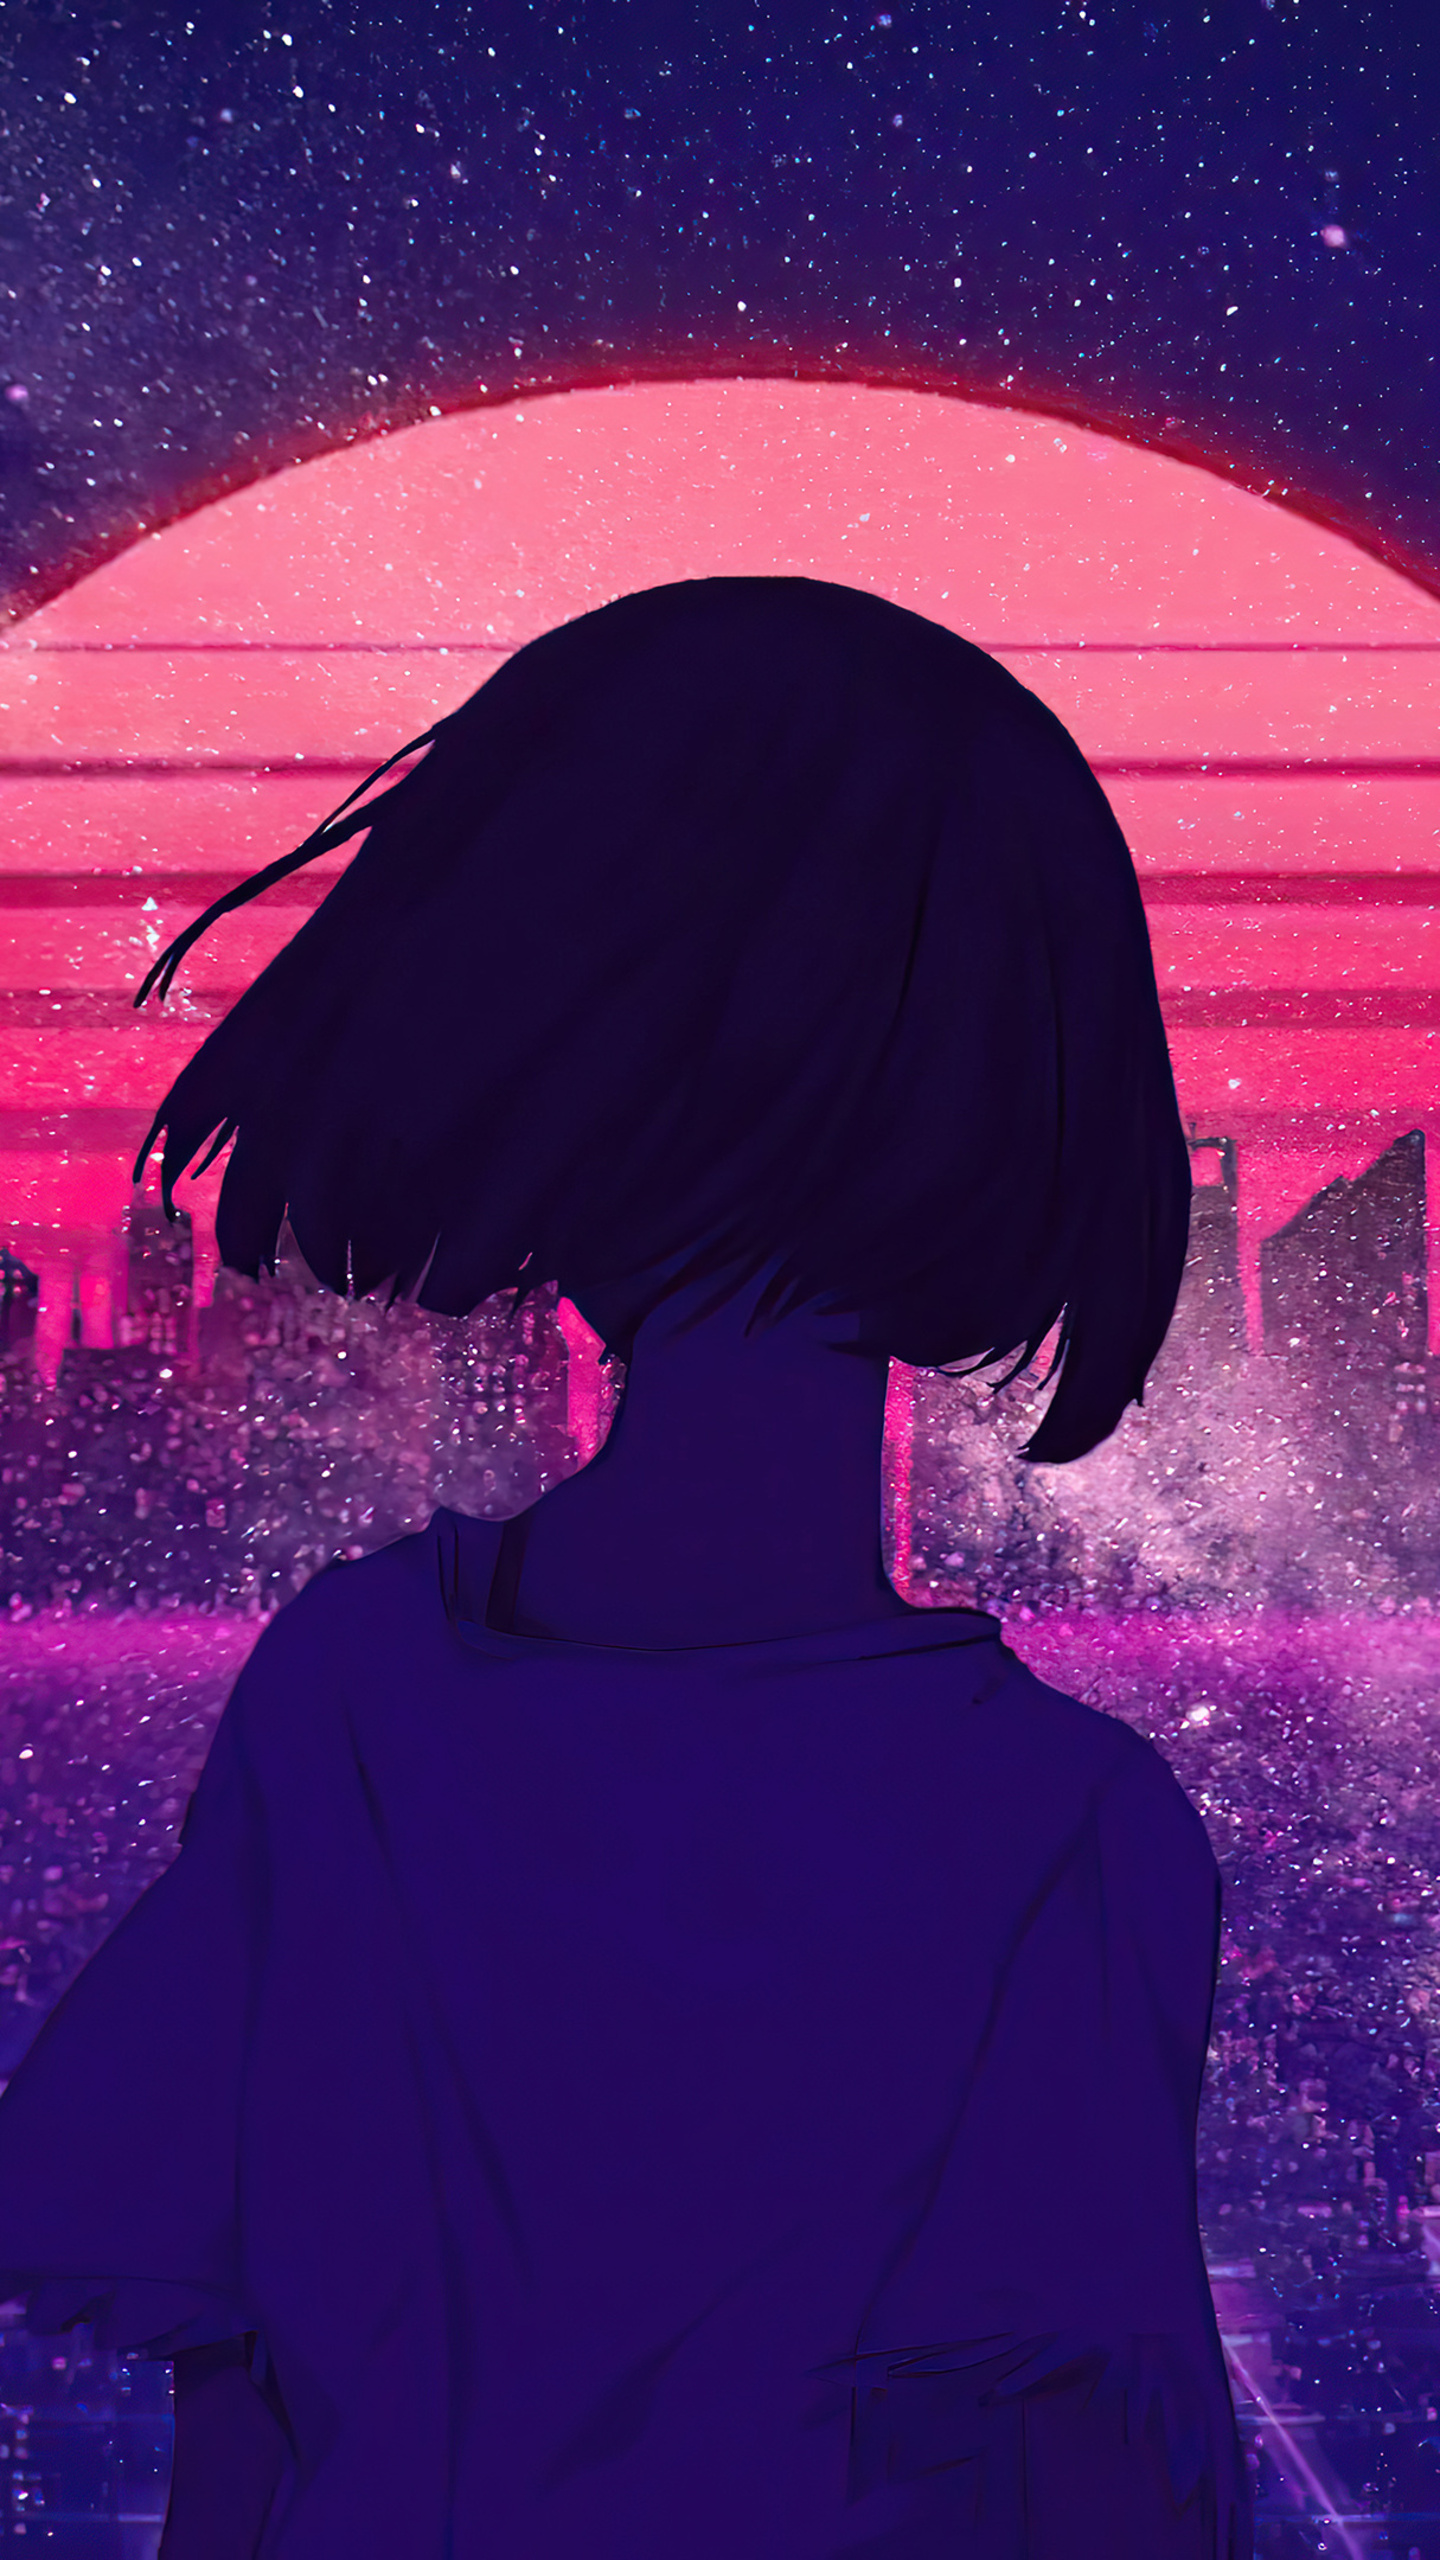 synthwave-night-sunset-anime-girl-4k-2j.jpg